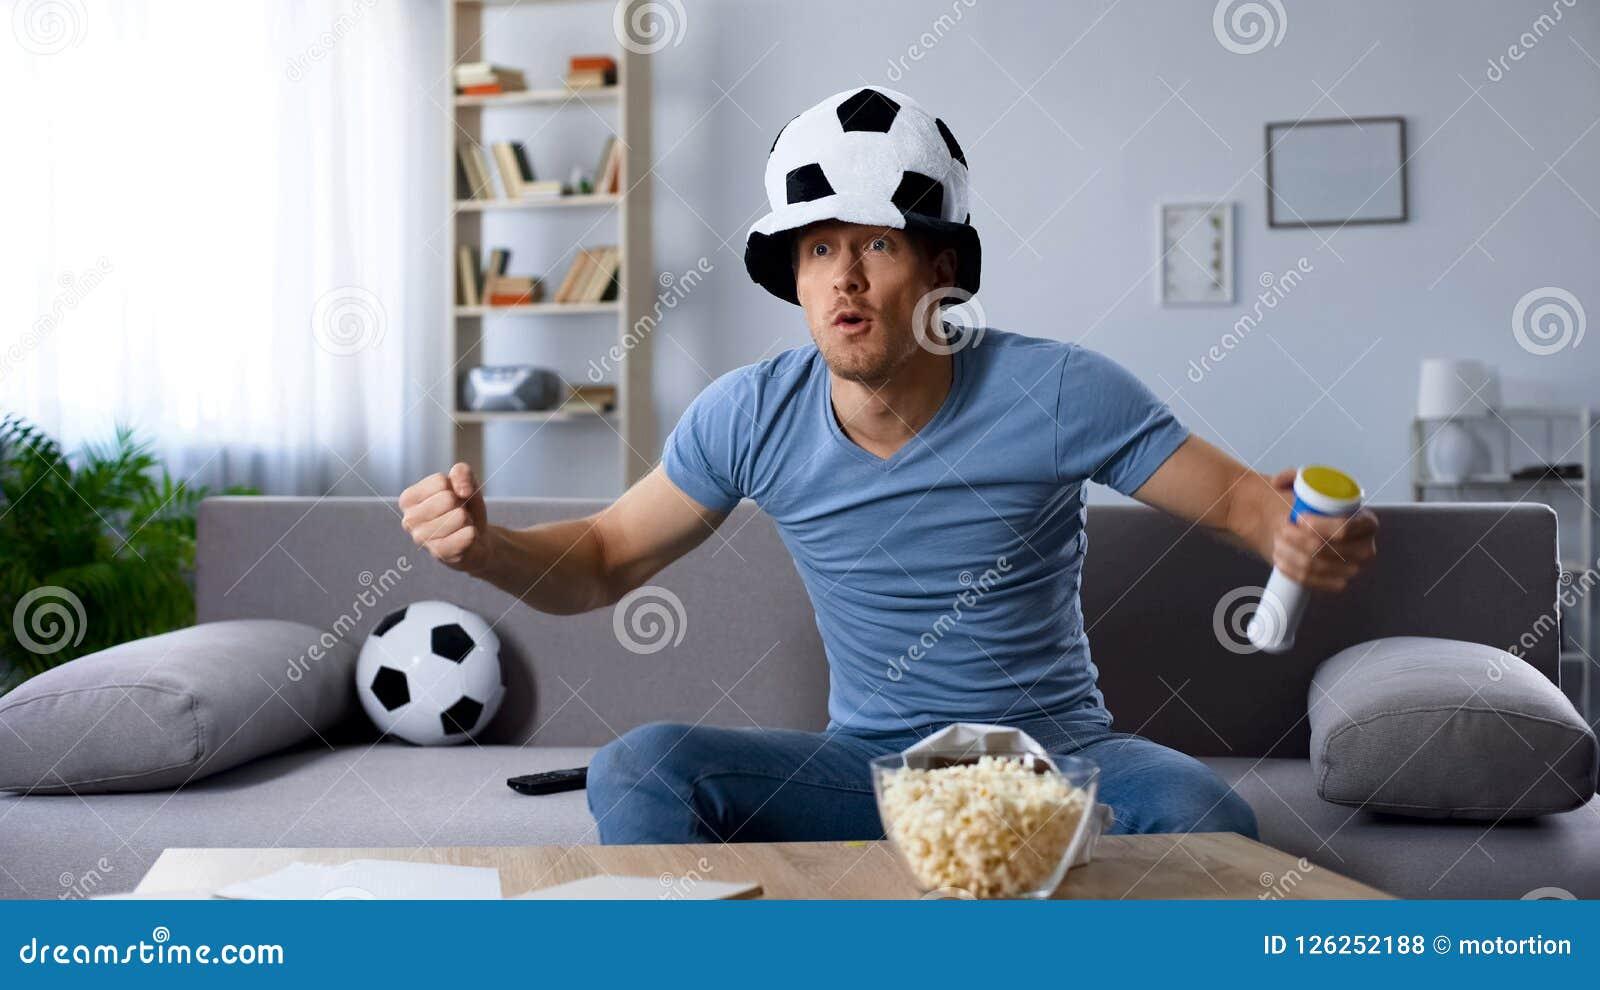 Suporte do futebol no pontapé de grande penalidade decisivo de espera do chapéu do fã, campeonato